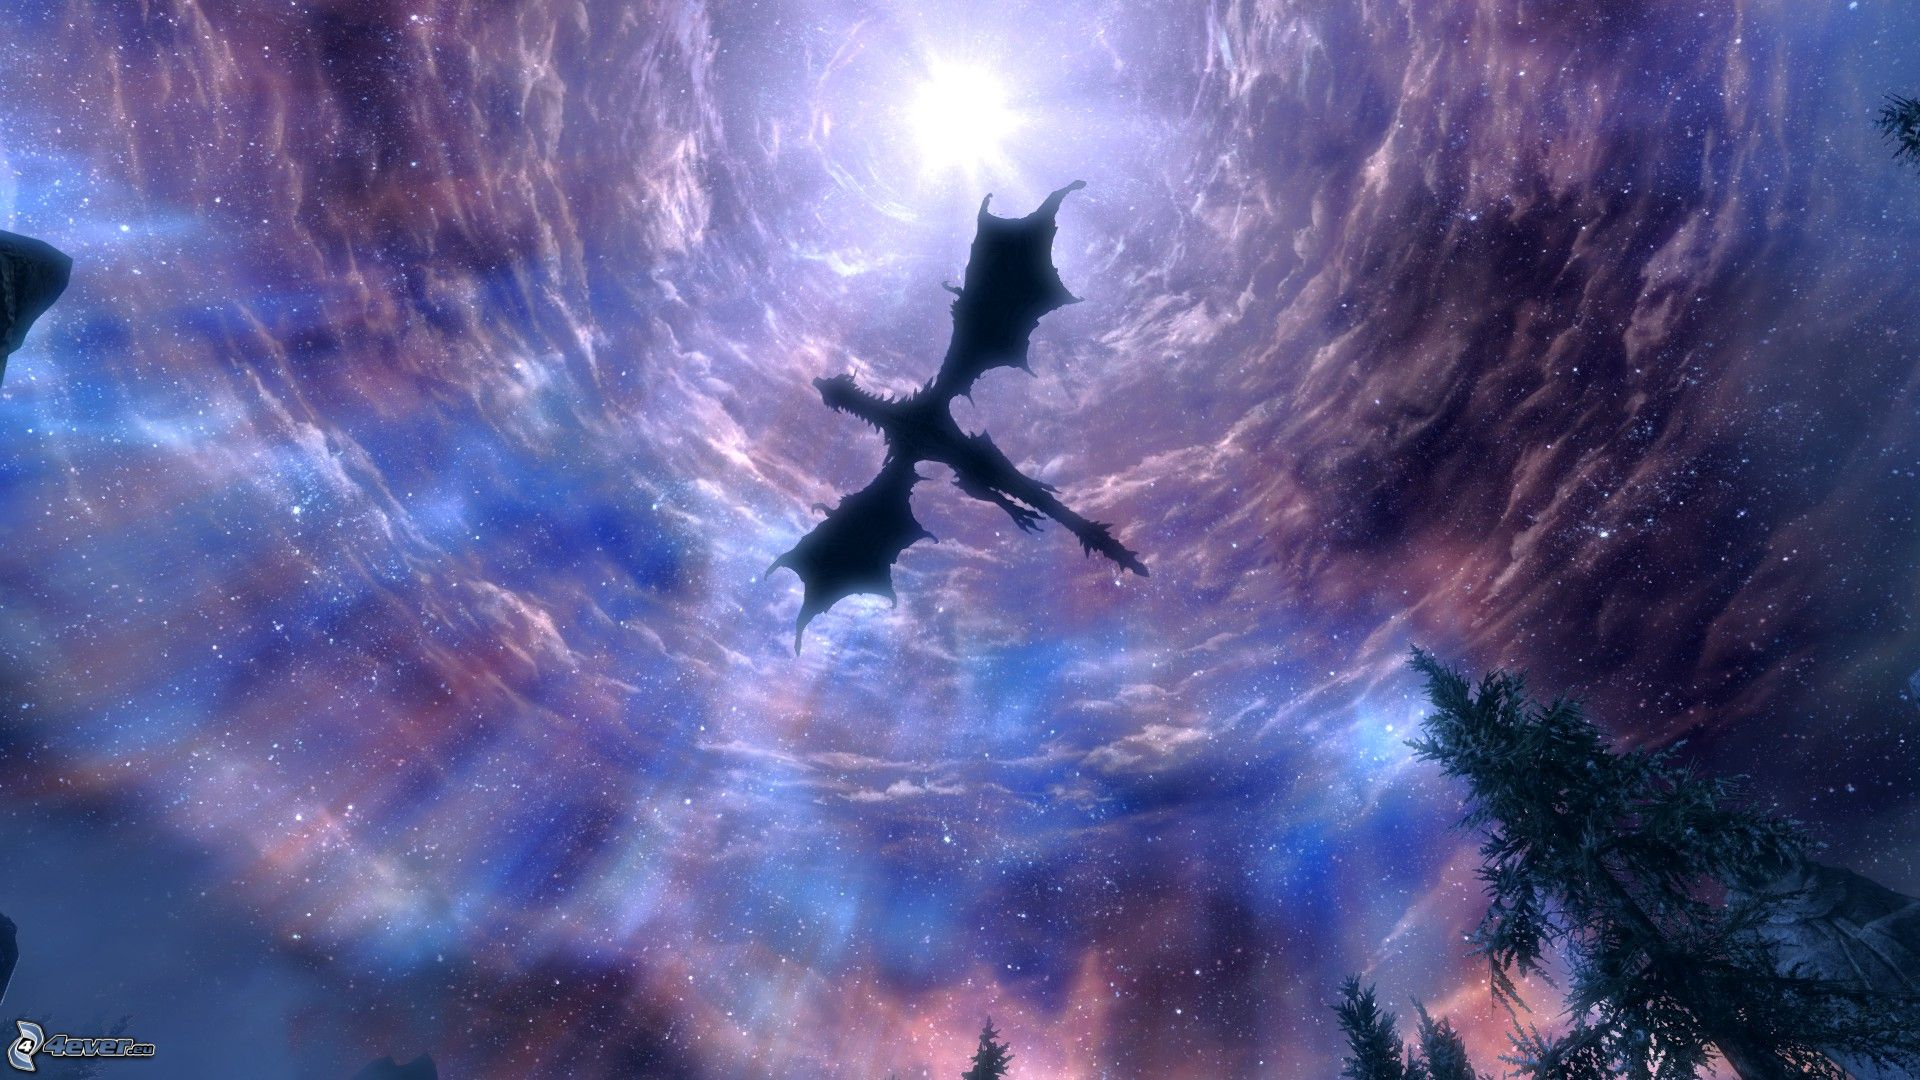 Shooting Star Dragon And Red Nova Flight By Sanokal On